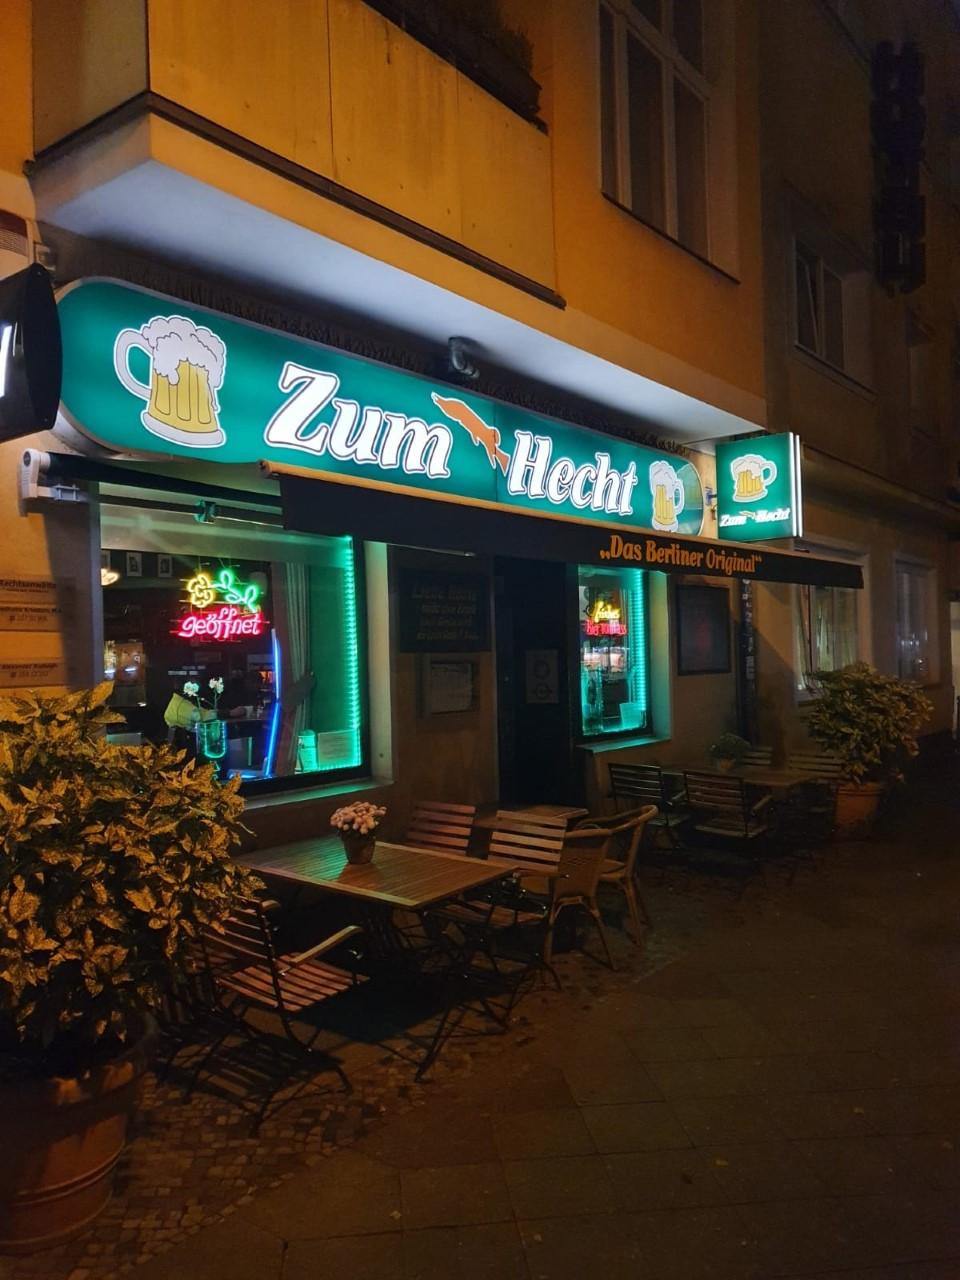 Kneipe Berlin In der Kneipe Zum Hecht in Charlottenburg herrscht noch authentisch-urige Gemütlichkeit.